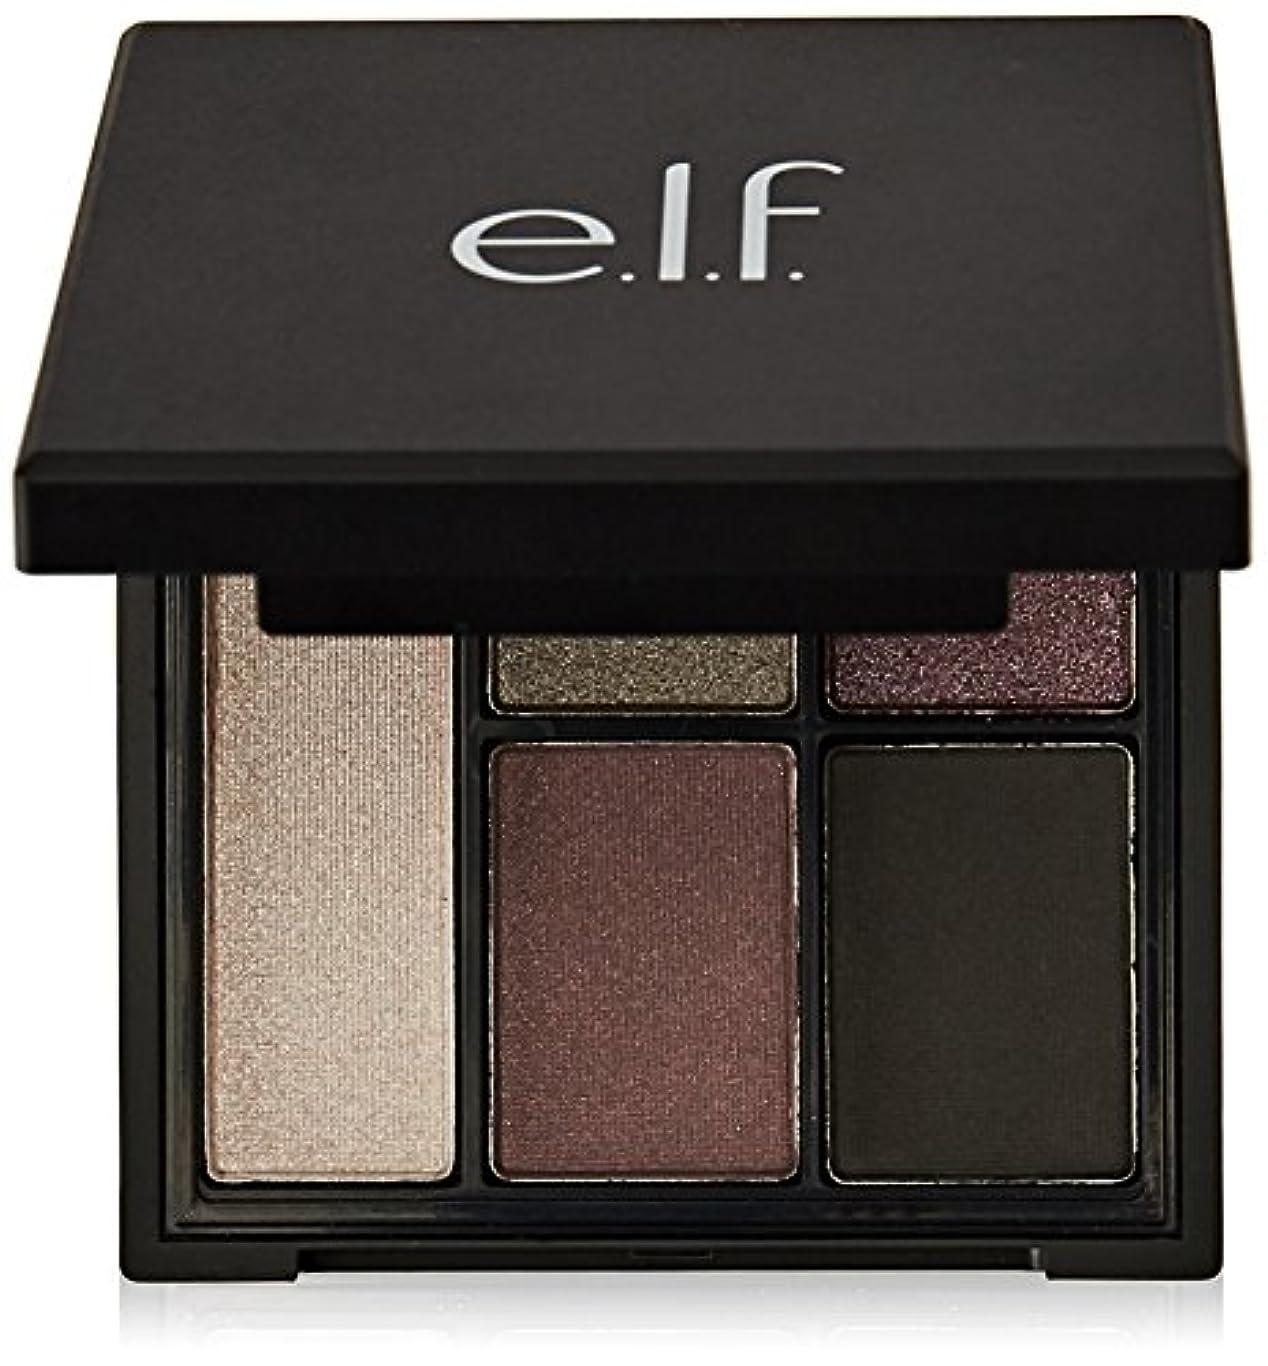 ポゴスティックジャンプカナダエイリアンe.l.f. Clay Eyeshadow Palette Smoked to Prfection (並行輸入品)